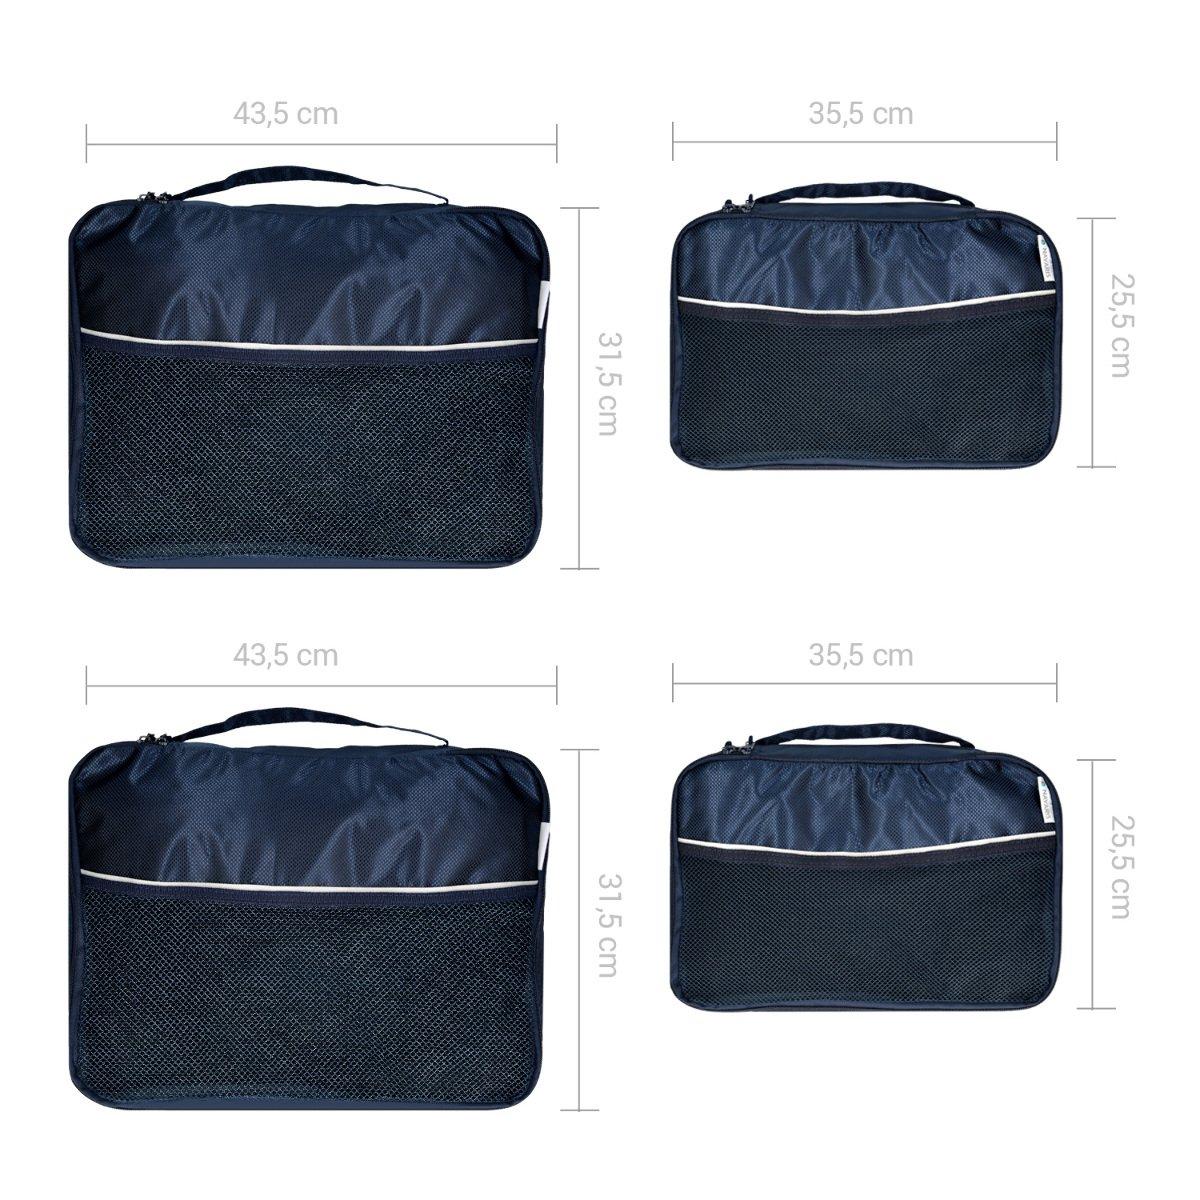 cbf81f7f993c2 Set de 9 Bolsas para Maleta de Navaris en Azul Oscuro - Bolsas de Ropa  Zapatos Ampliar imagen